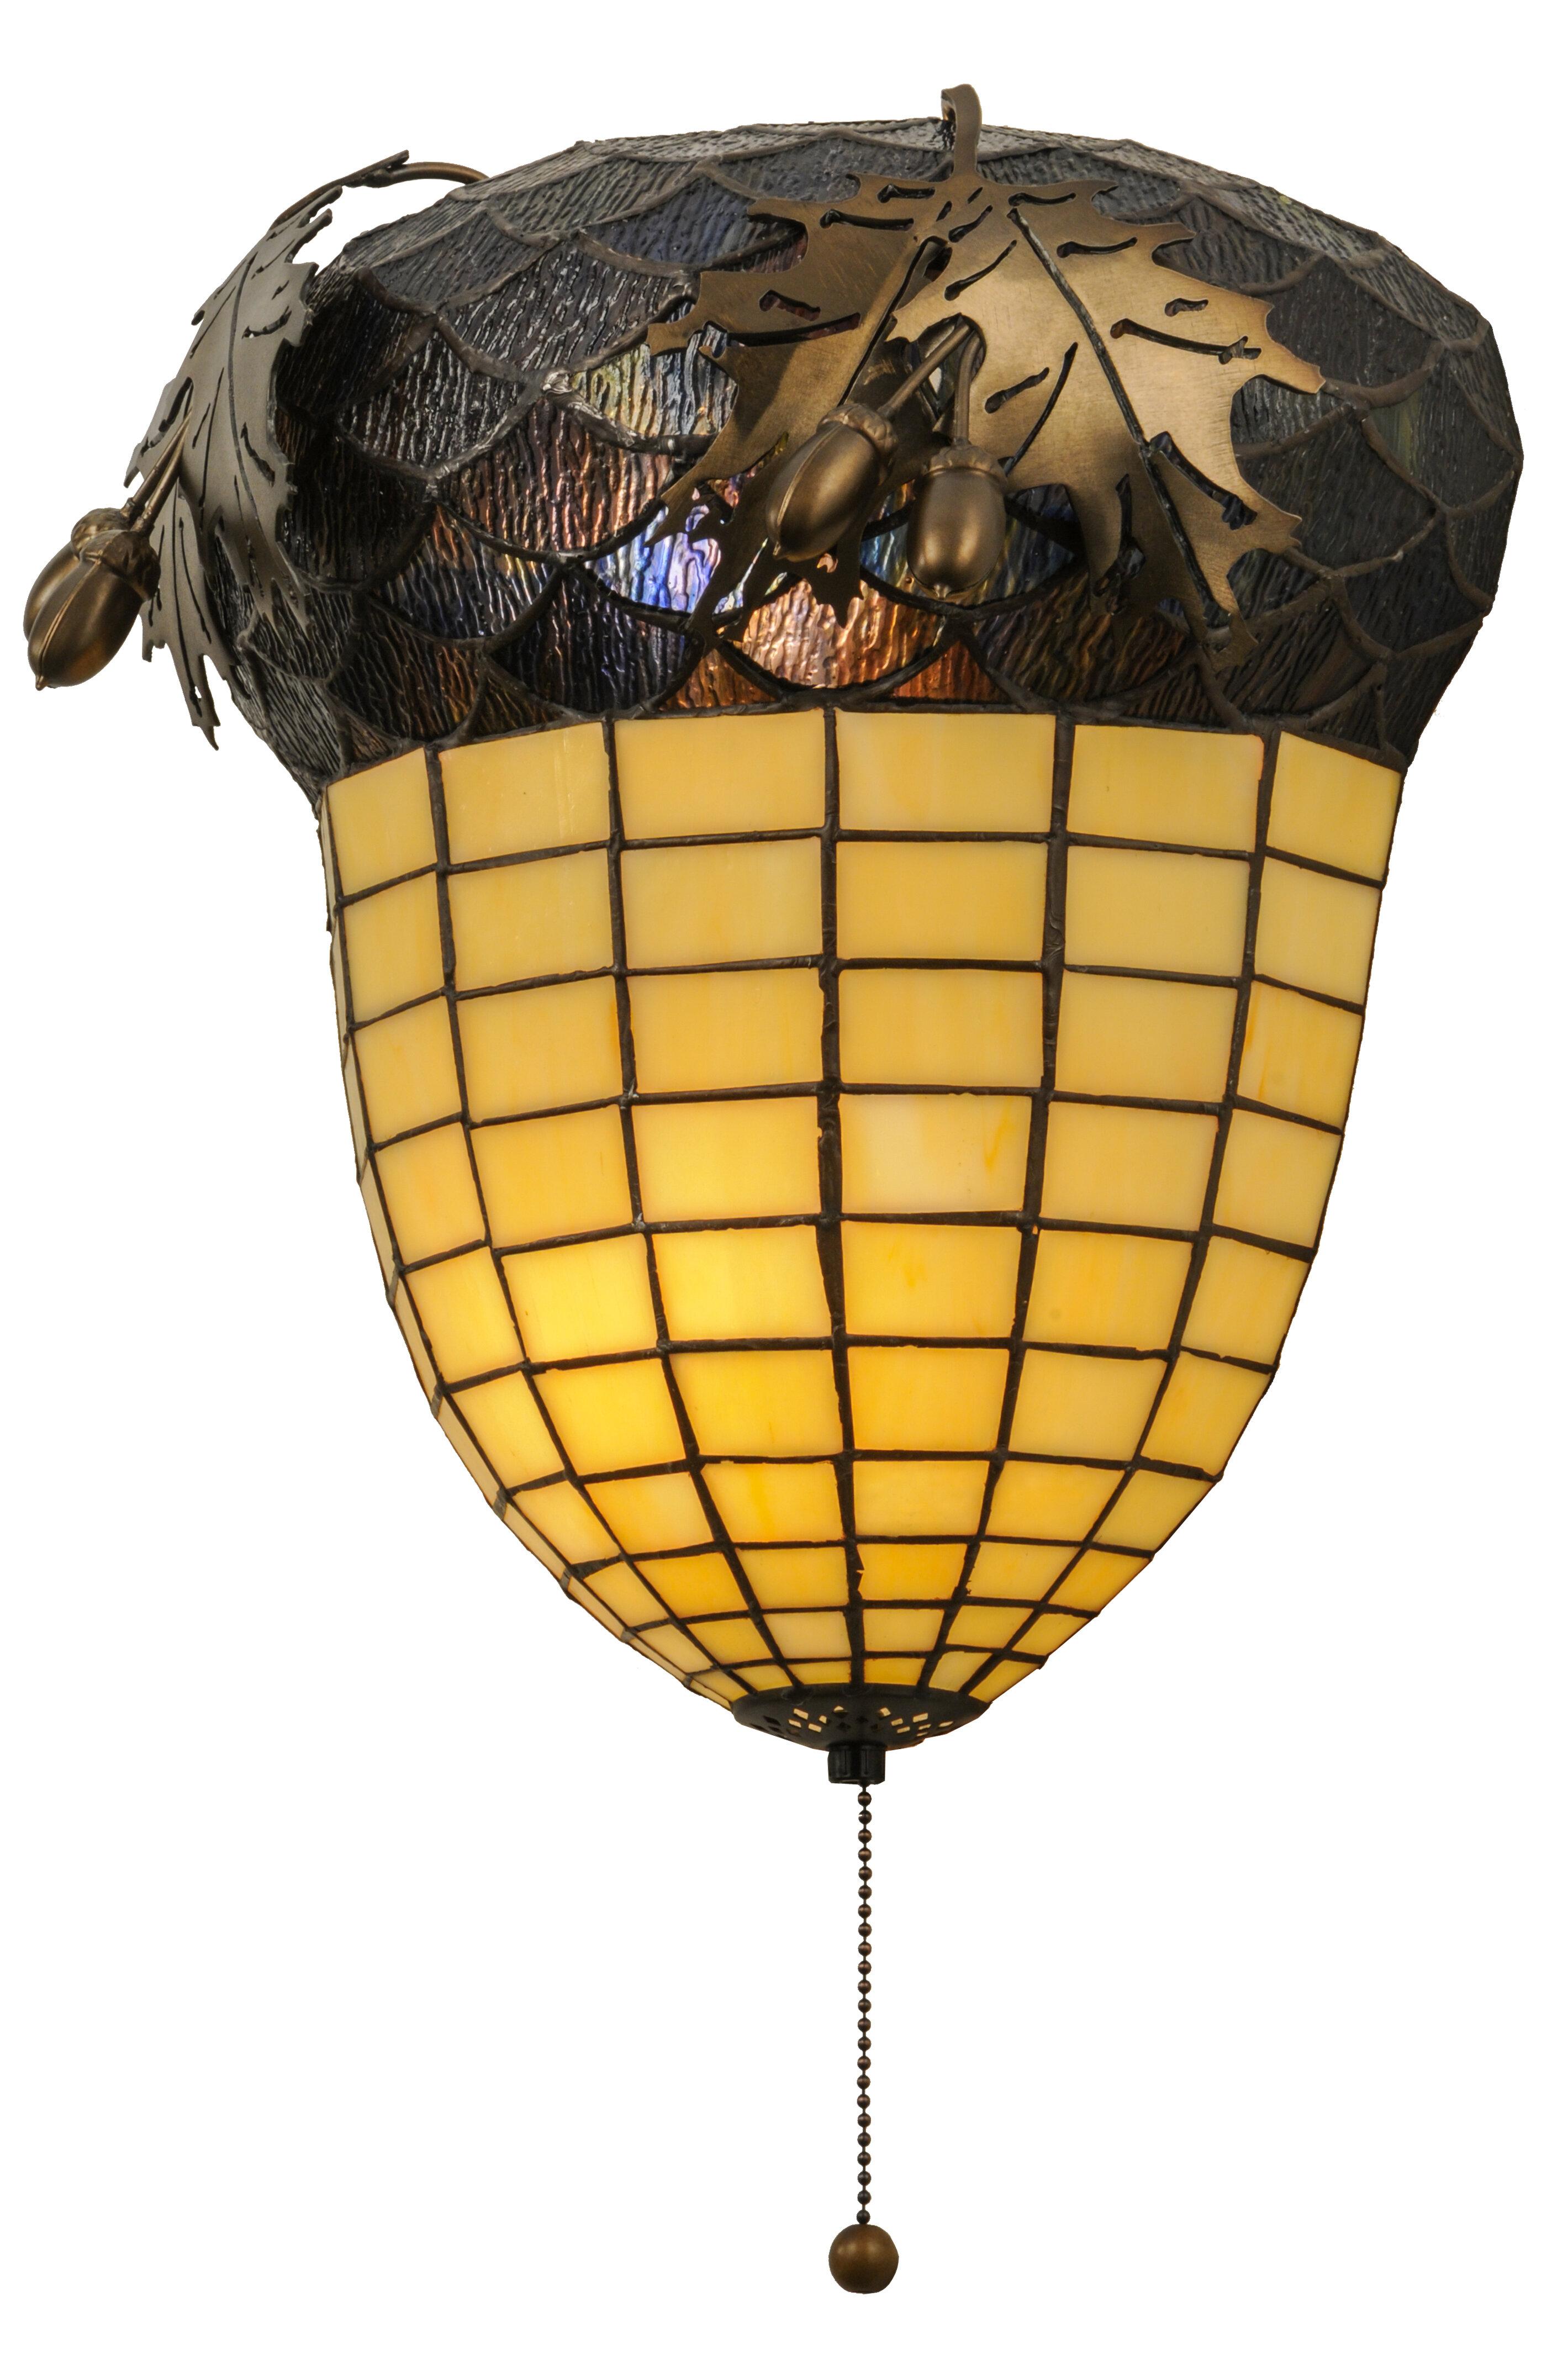 Meyda Tiffany Greenbriar Oak 2-Light Pull Chain Wall Sconce | Wayfair